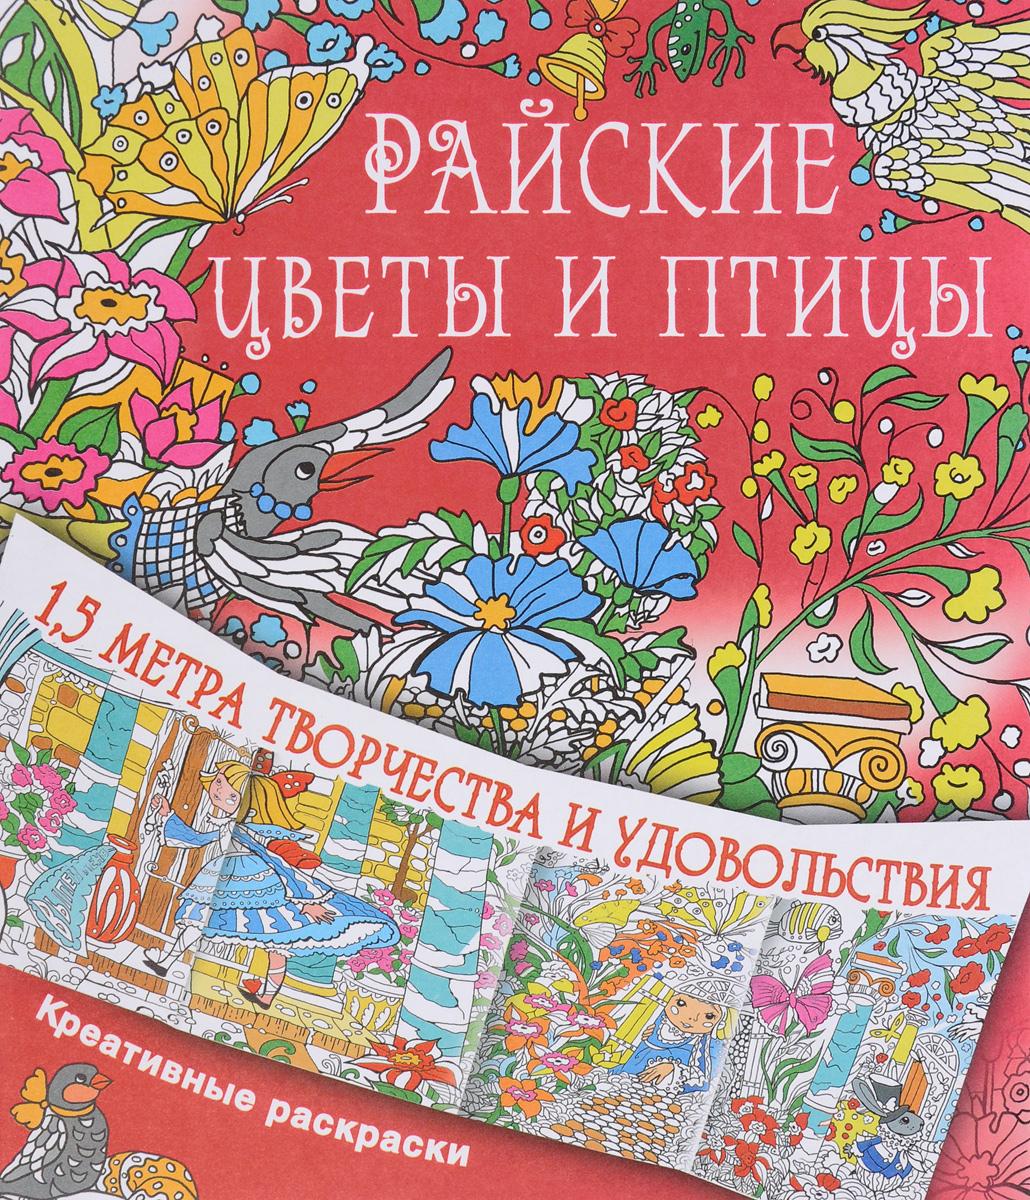 Райские цветы и птицы